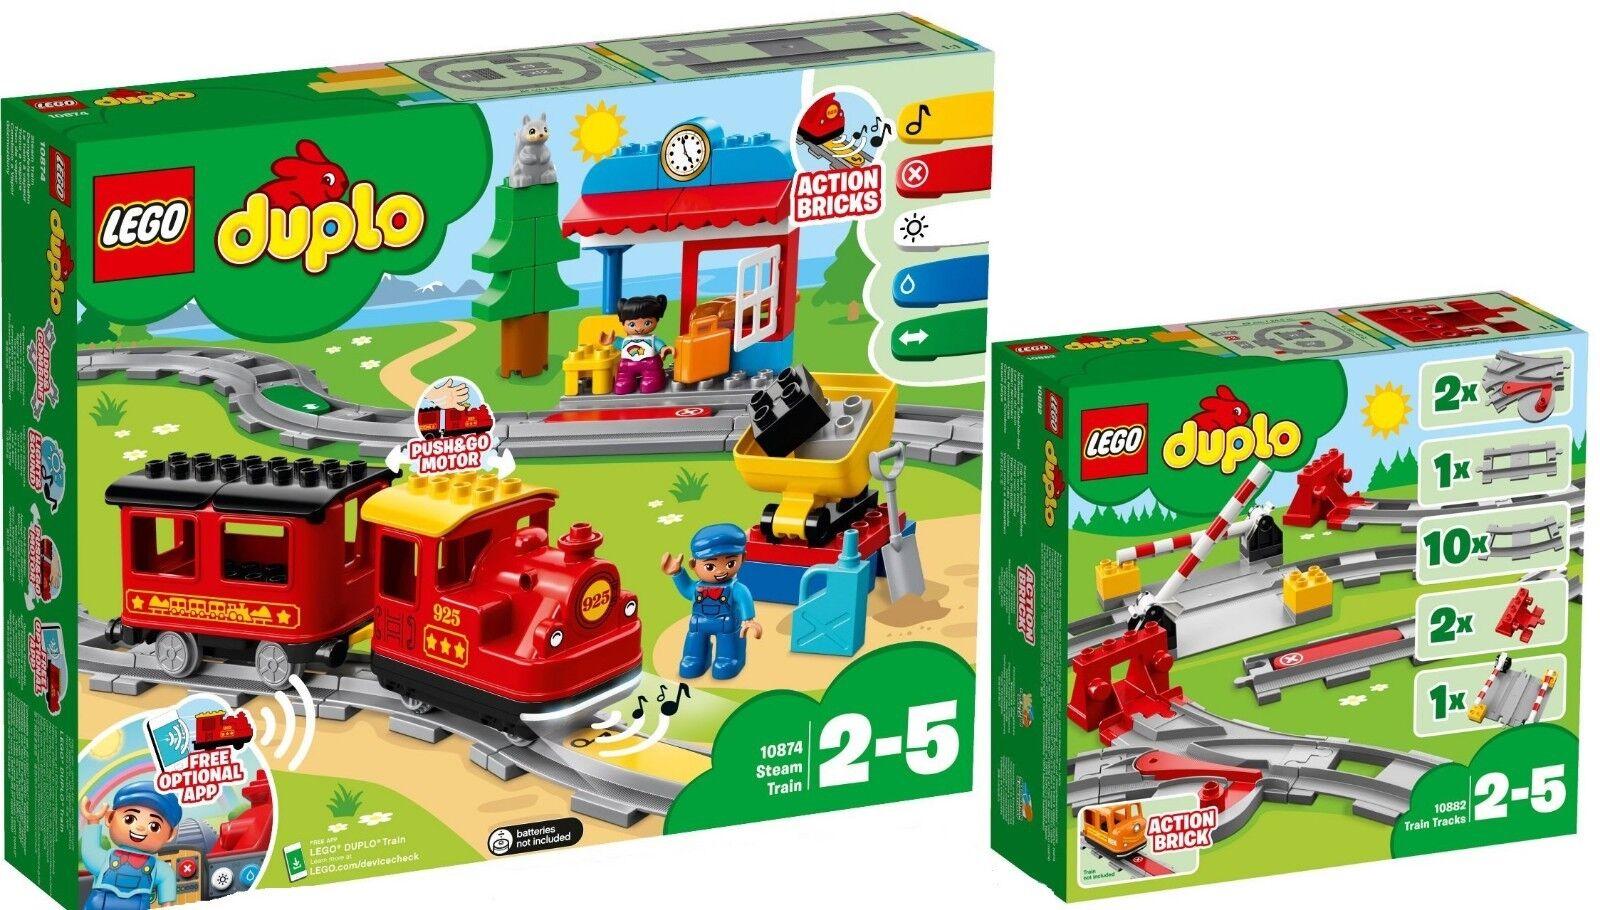 LEGO 10874 DUPLO 10882 treni a vapore Ferrovia  e rossoaie Set n9 18  liquidazione fino al 70%